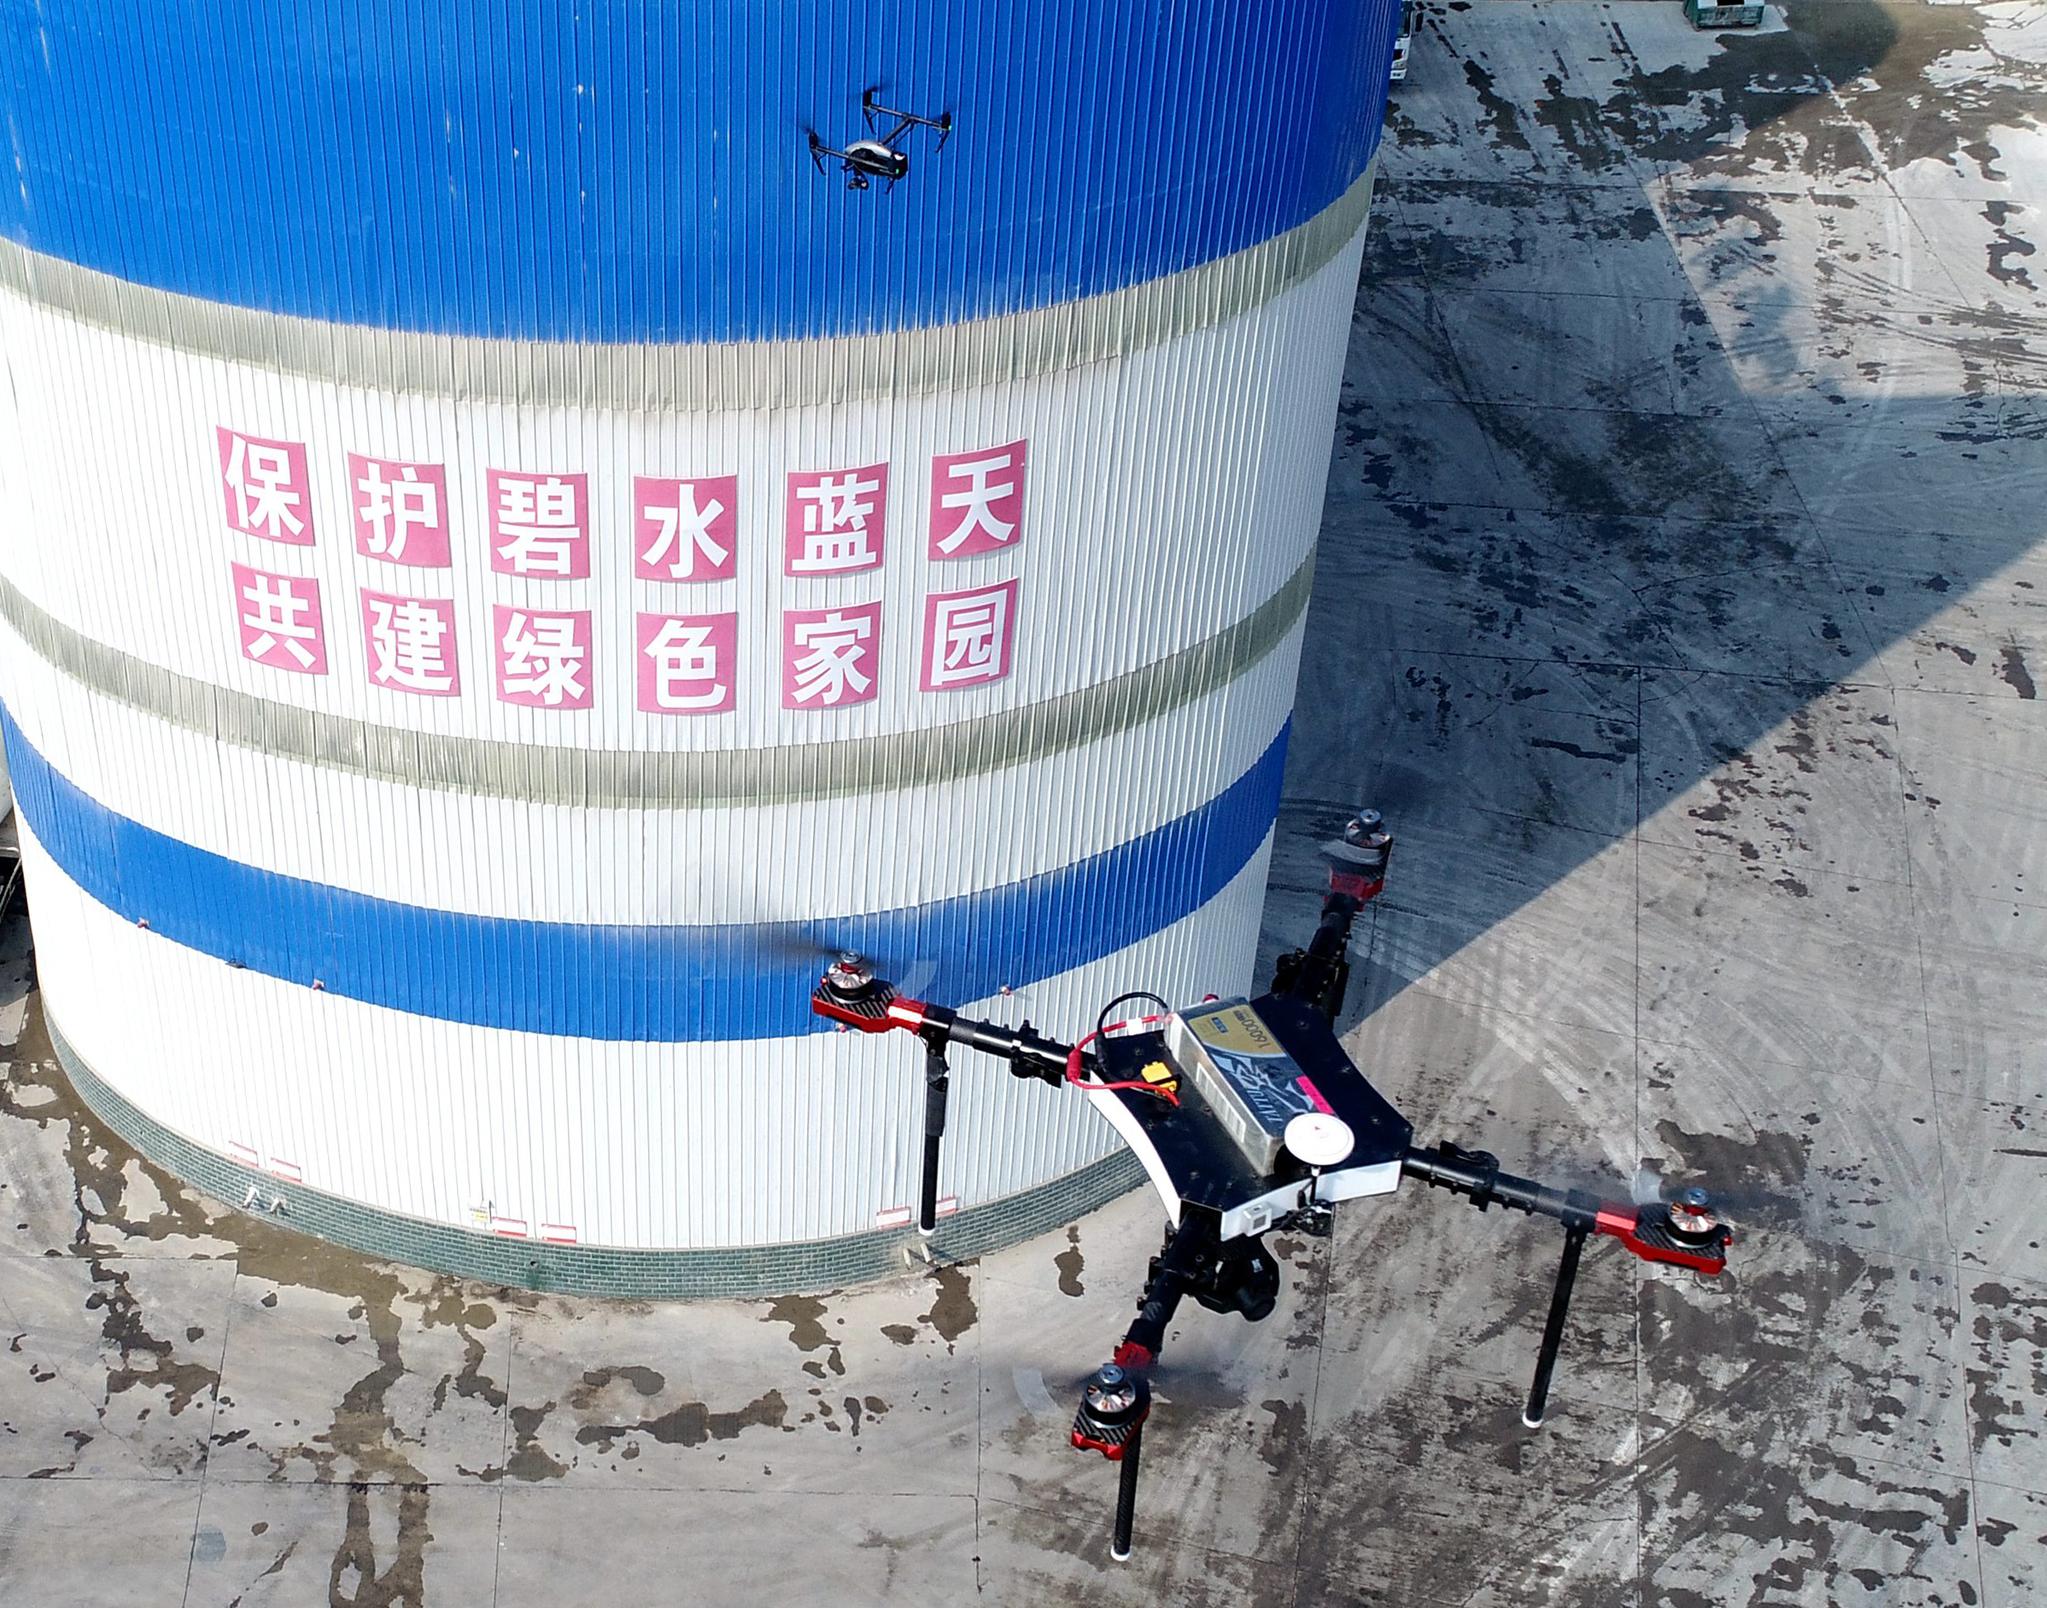 2018년 11월 중국 허베이성 웨이셴현에 있는 한 회사 상공에서 드론이 대기질을 감시하고 있다. [신화=연합뉴스]